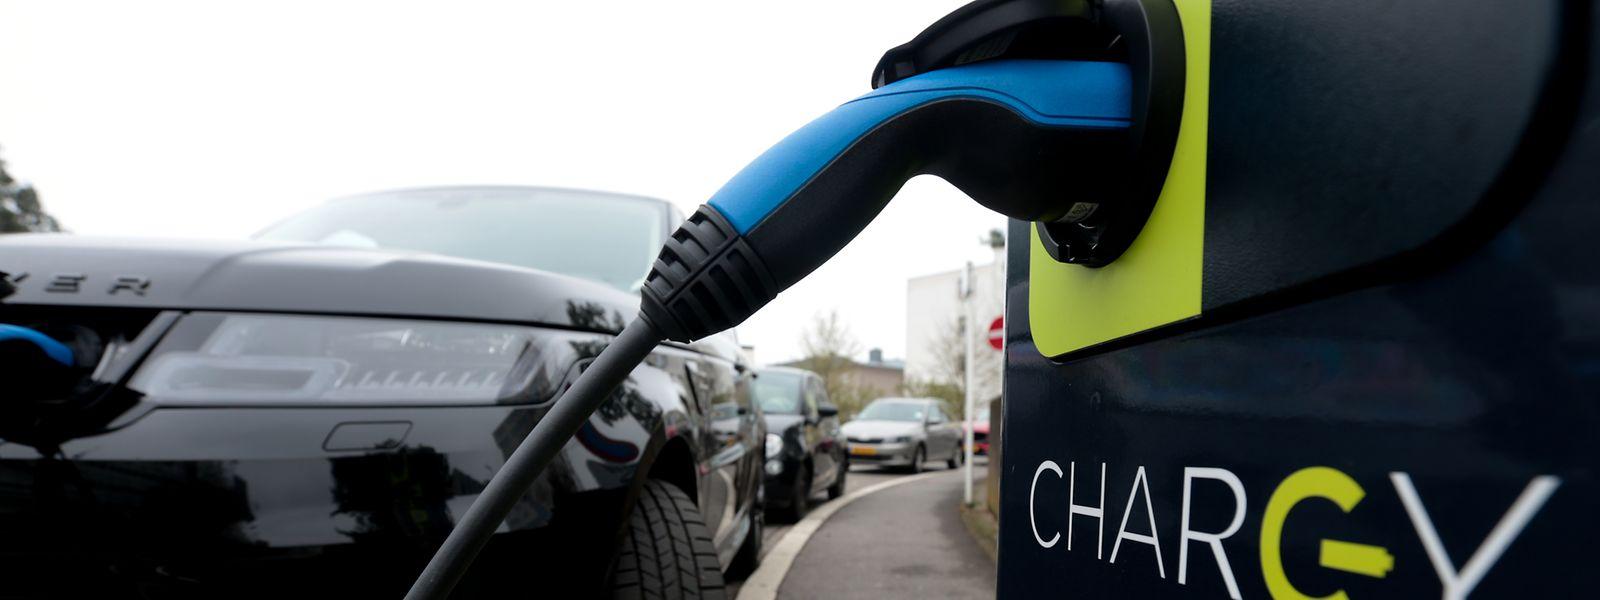 Was die Emissionen angeht, so kommt es beim E-Auto auf mehrere Faktoren an: Für einen fairen Vergleich mit Verbrennern muss der gesamte Lebenszyklus der Fahrzeuge Beachtung finden.